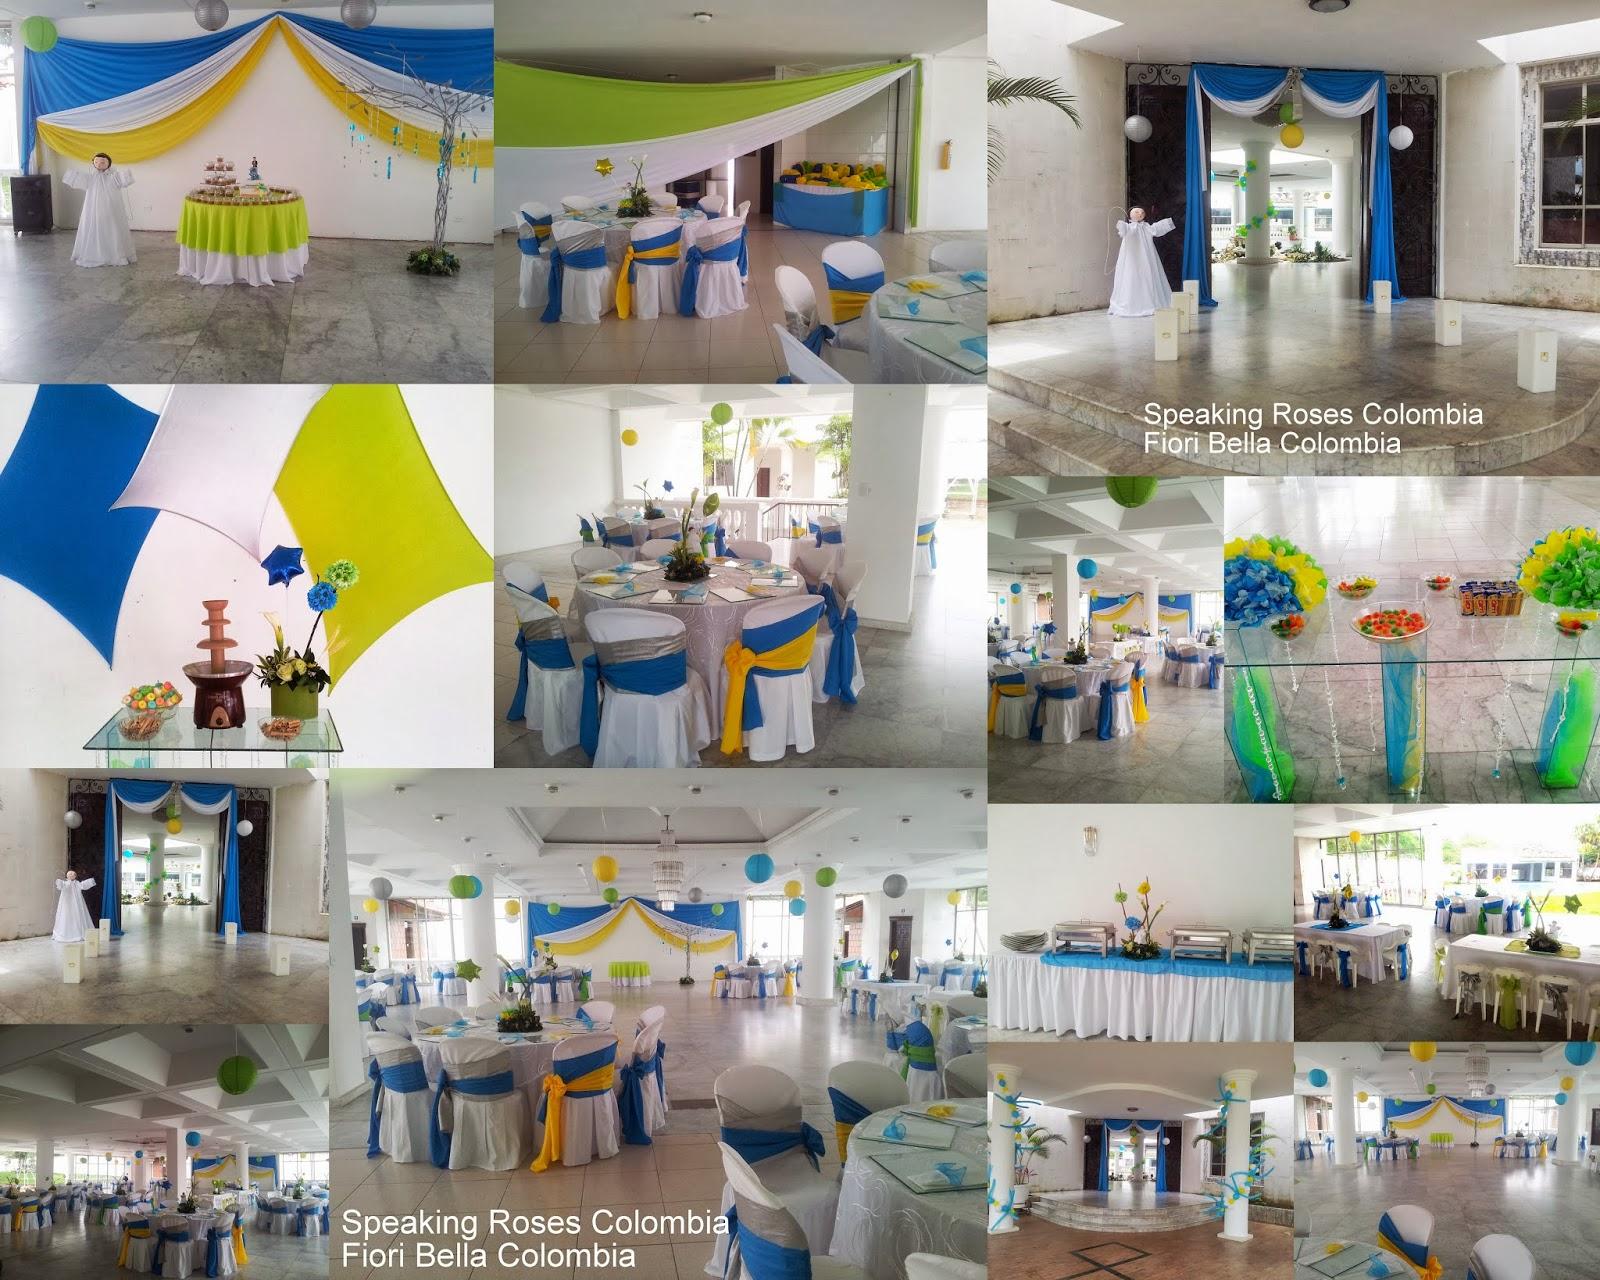 Decoraci n primera comuni n fiori bella colombia - Como decorar un salon para comunion ...